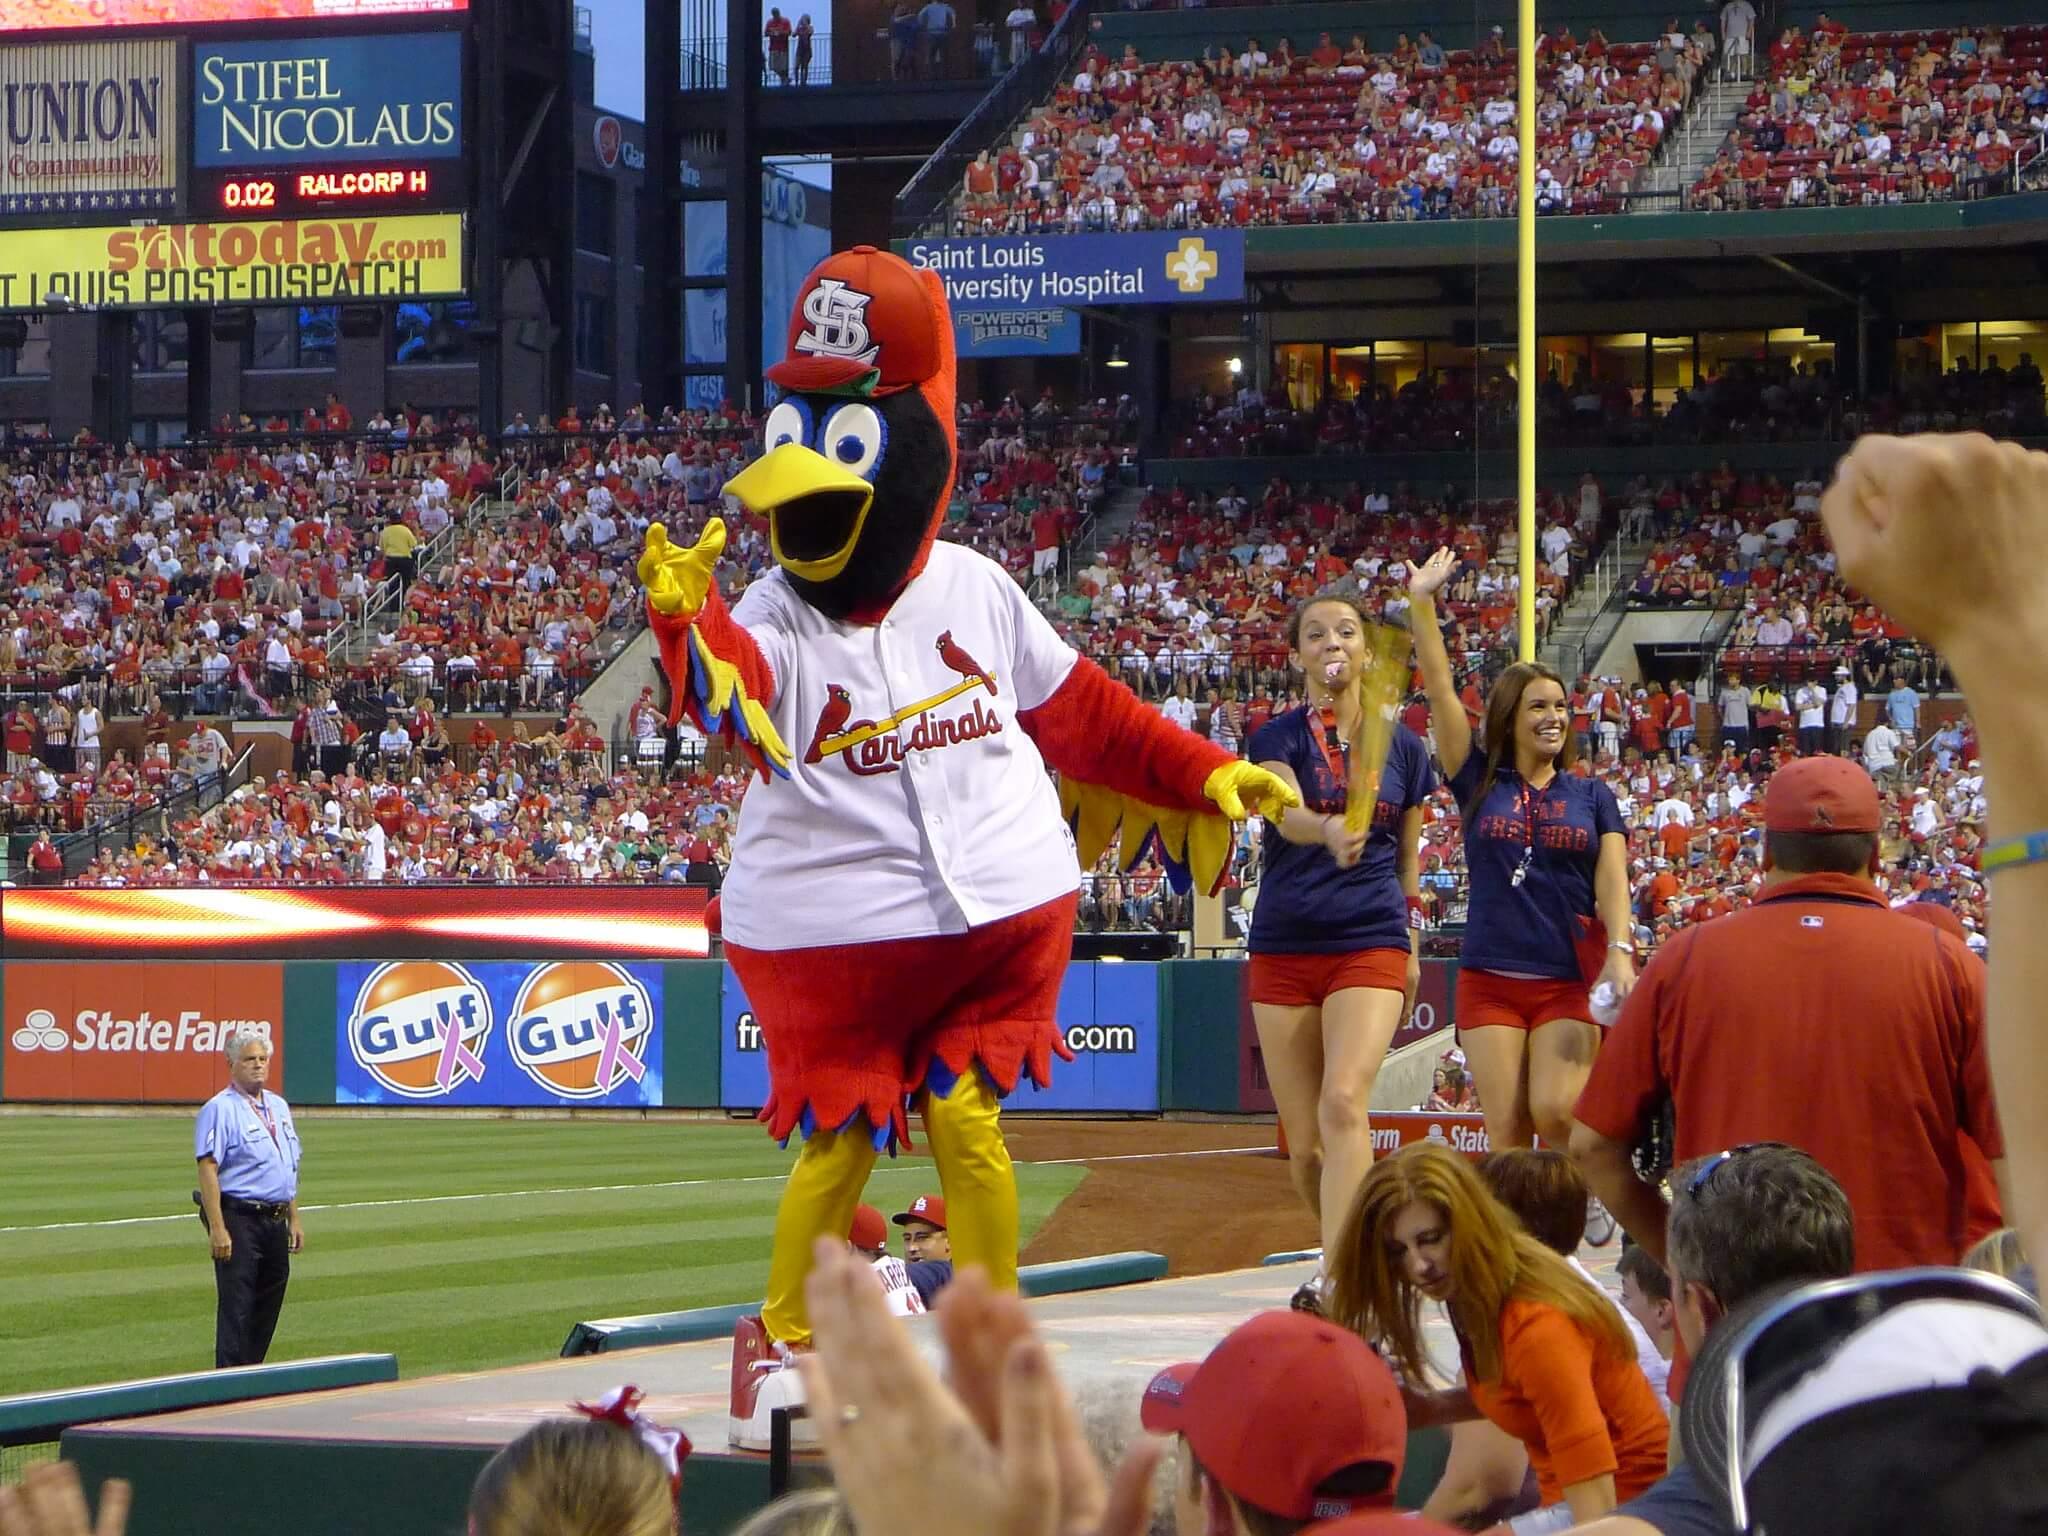 Fredbird St Louis Cardinals mascot